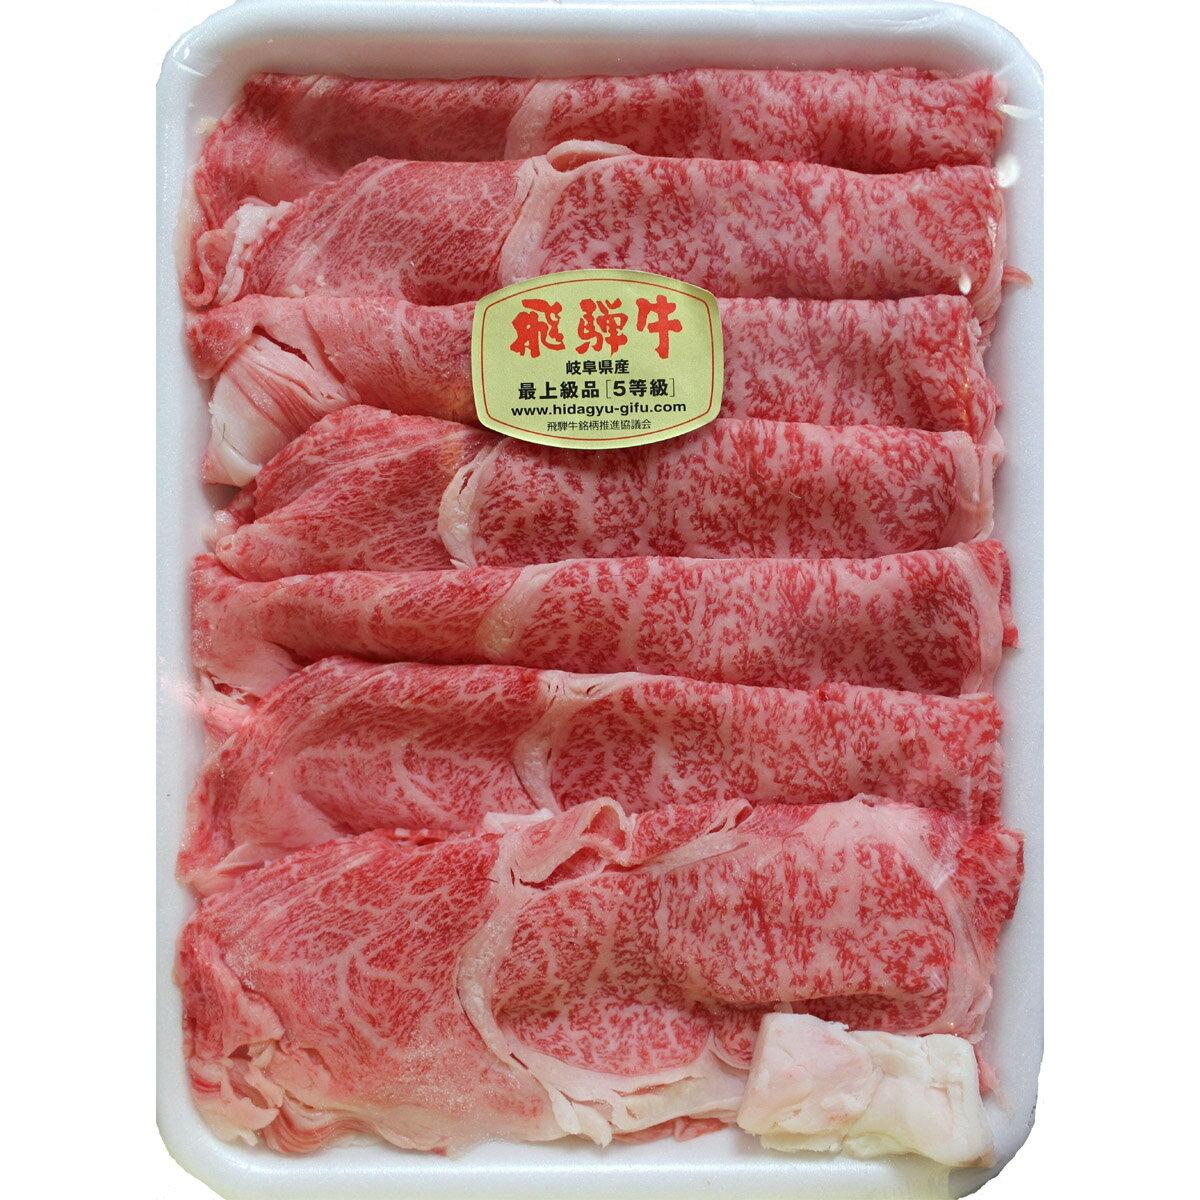 【ふるさと納税】飛騨牛ロース 約1.5kg:岐阜県海津市